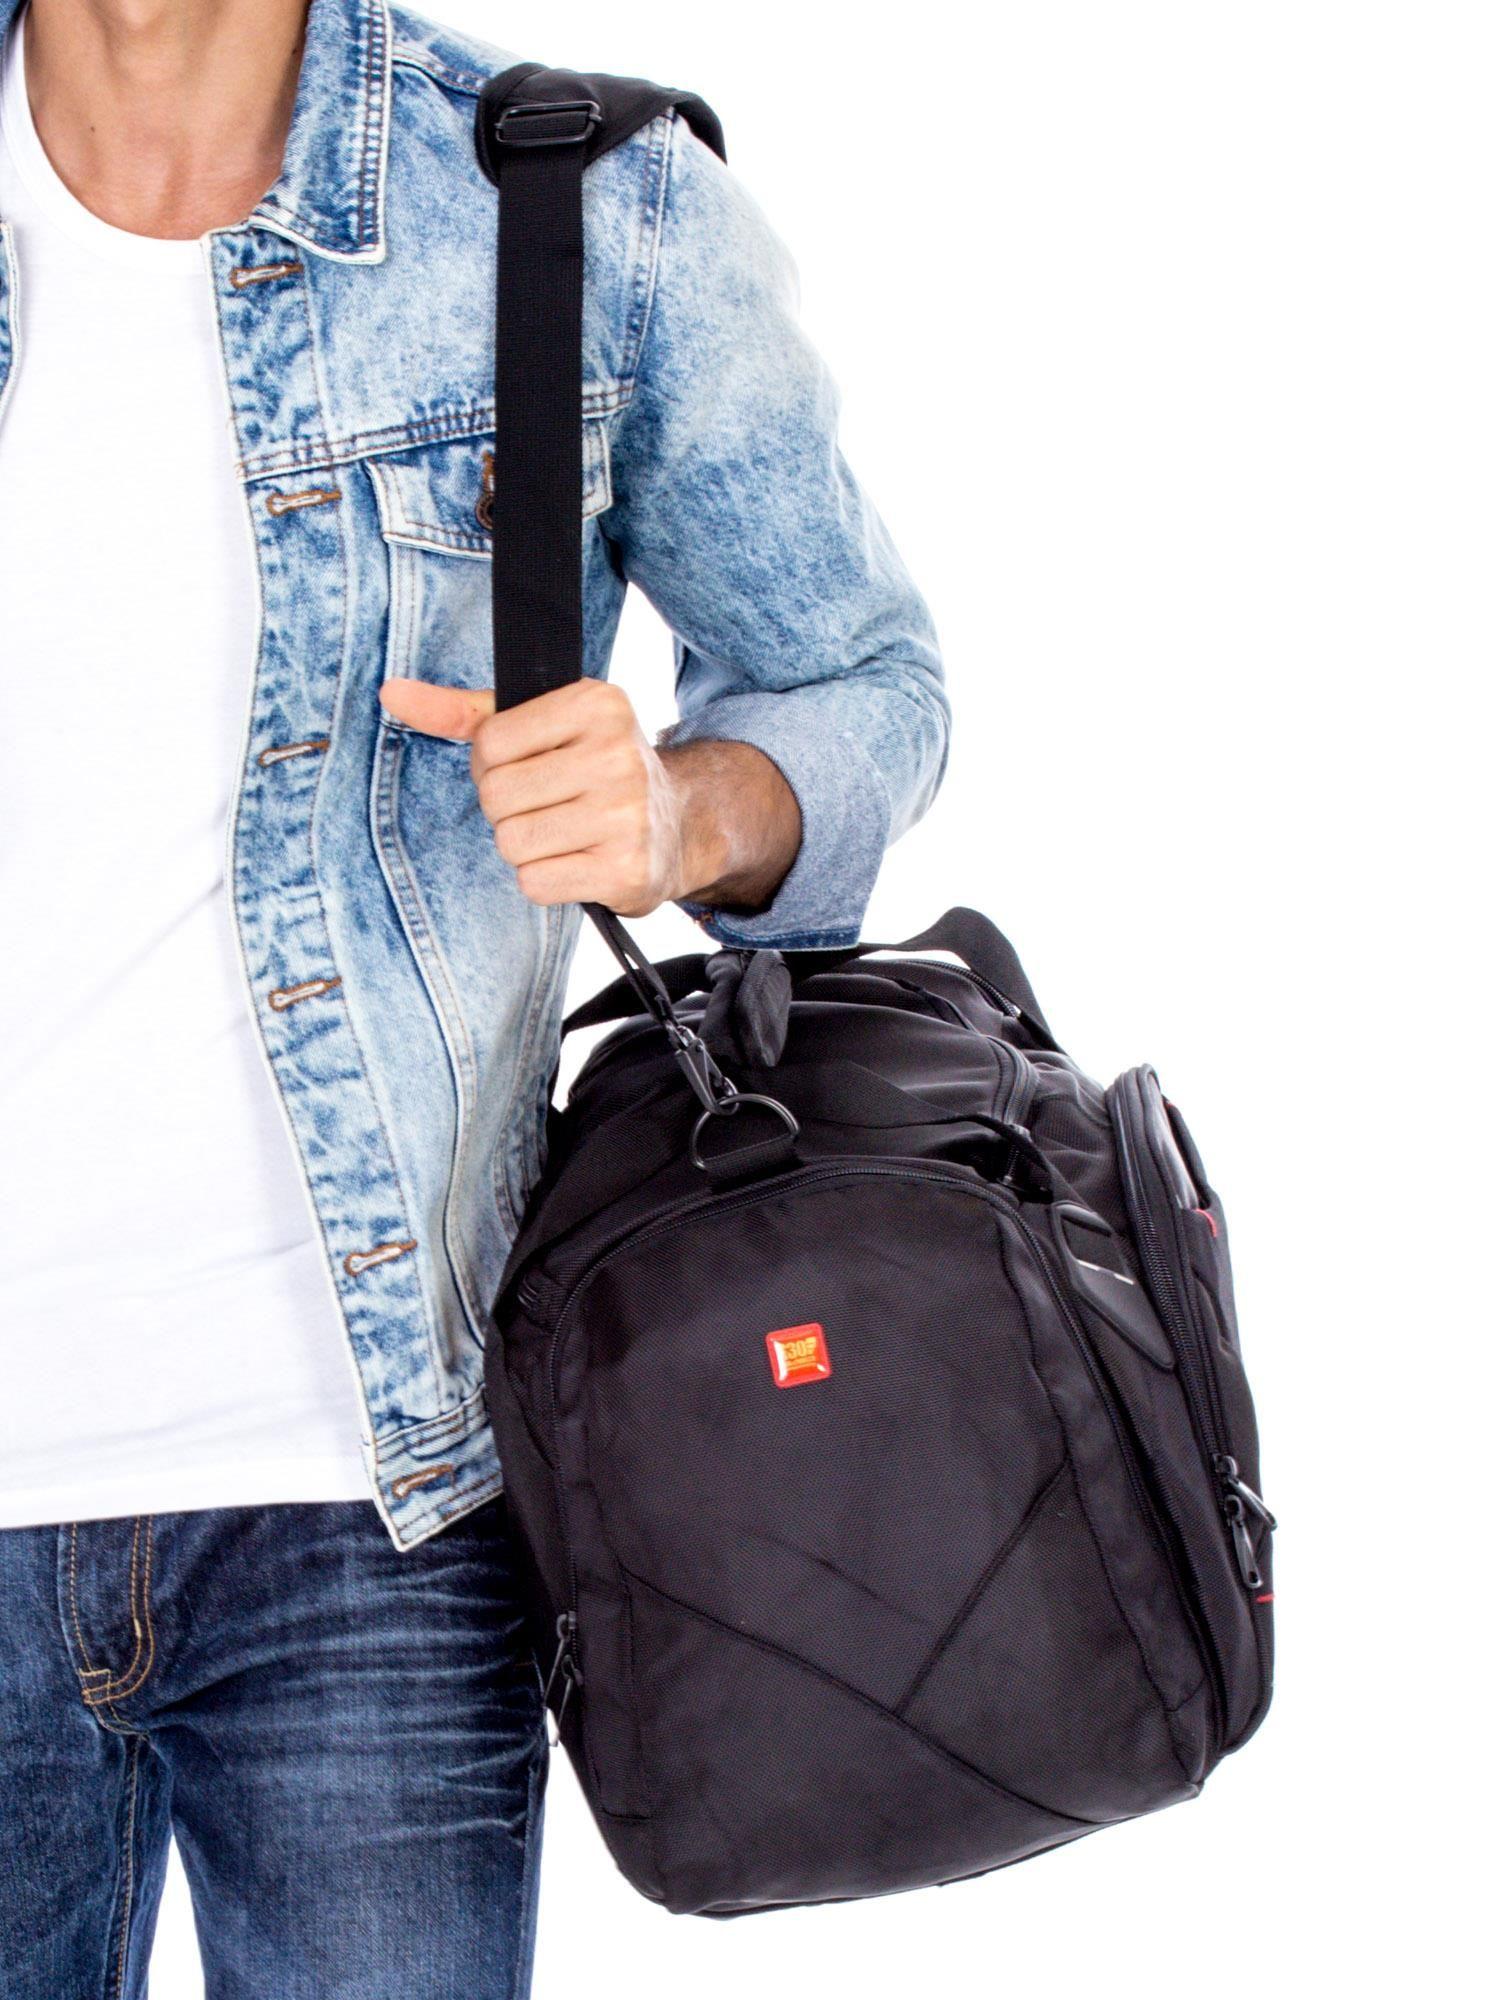 ca492cd0b8a6a Czarna materiałowa torba męska podróżna - Mężczyźni Torba męska - sklep  eButik.pl